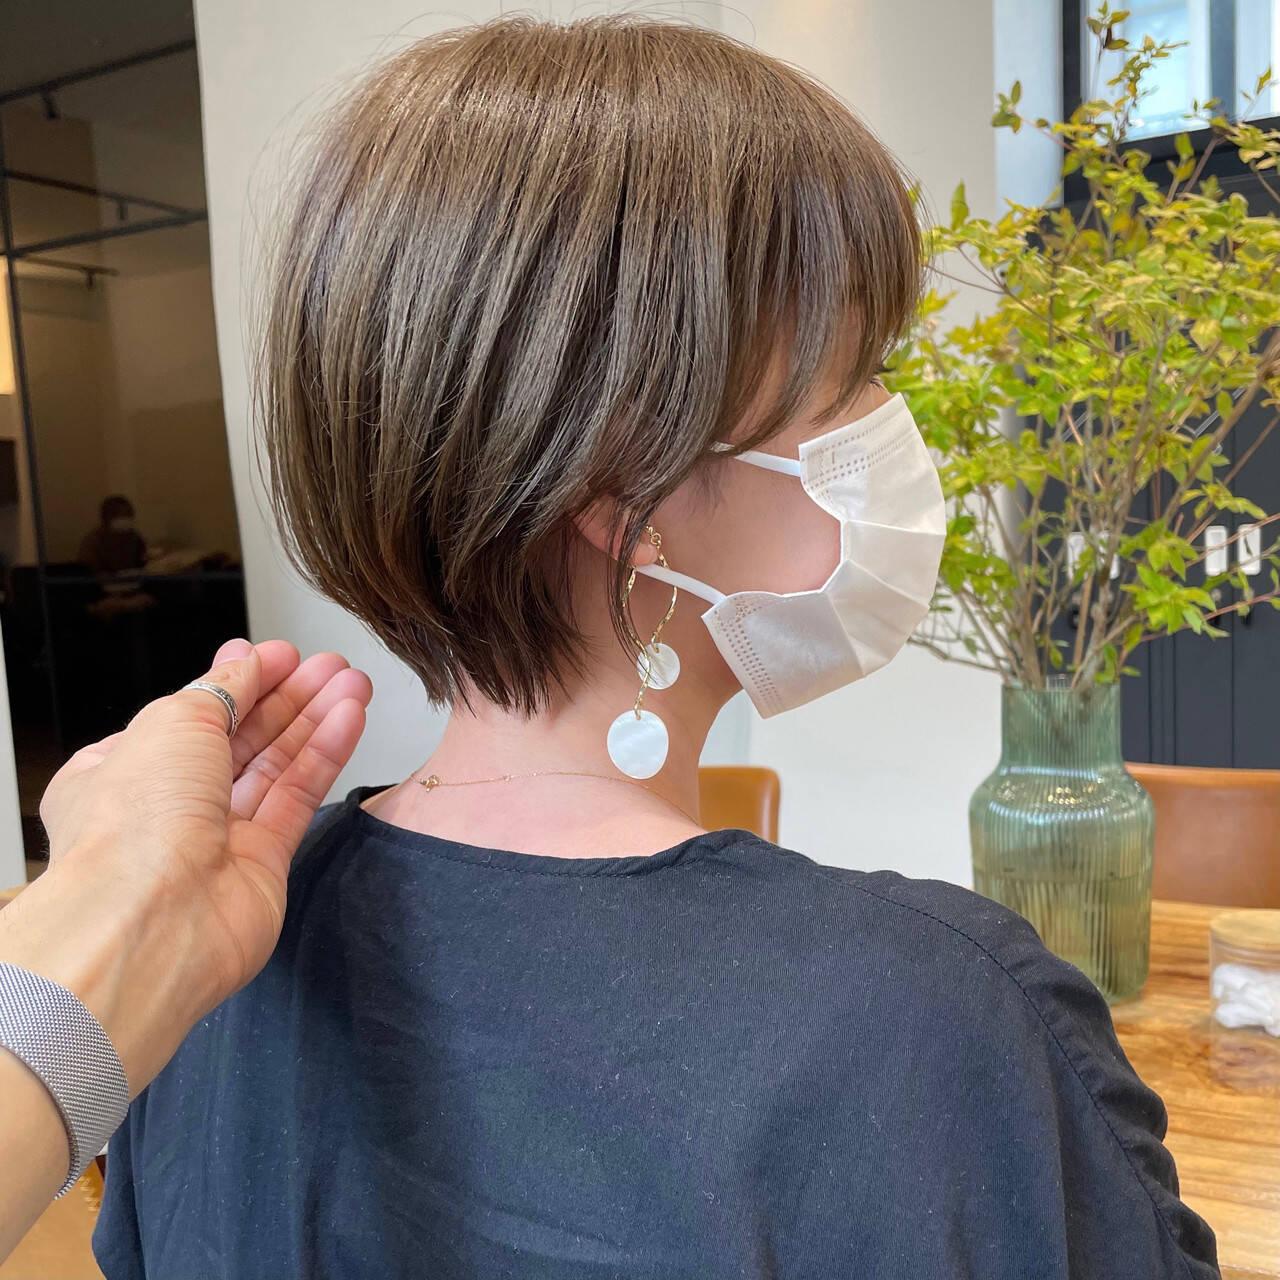 ショートヘア ナチュラル ベリーショート ミニボブヘアスタイルや髪型の写真・画像